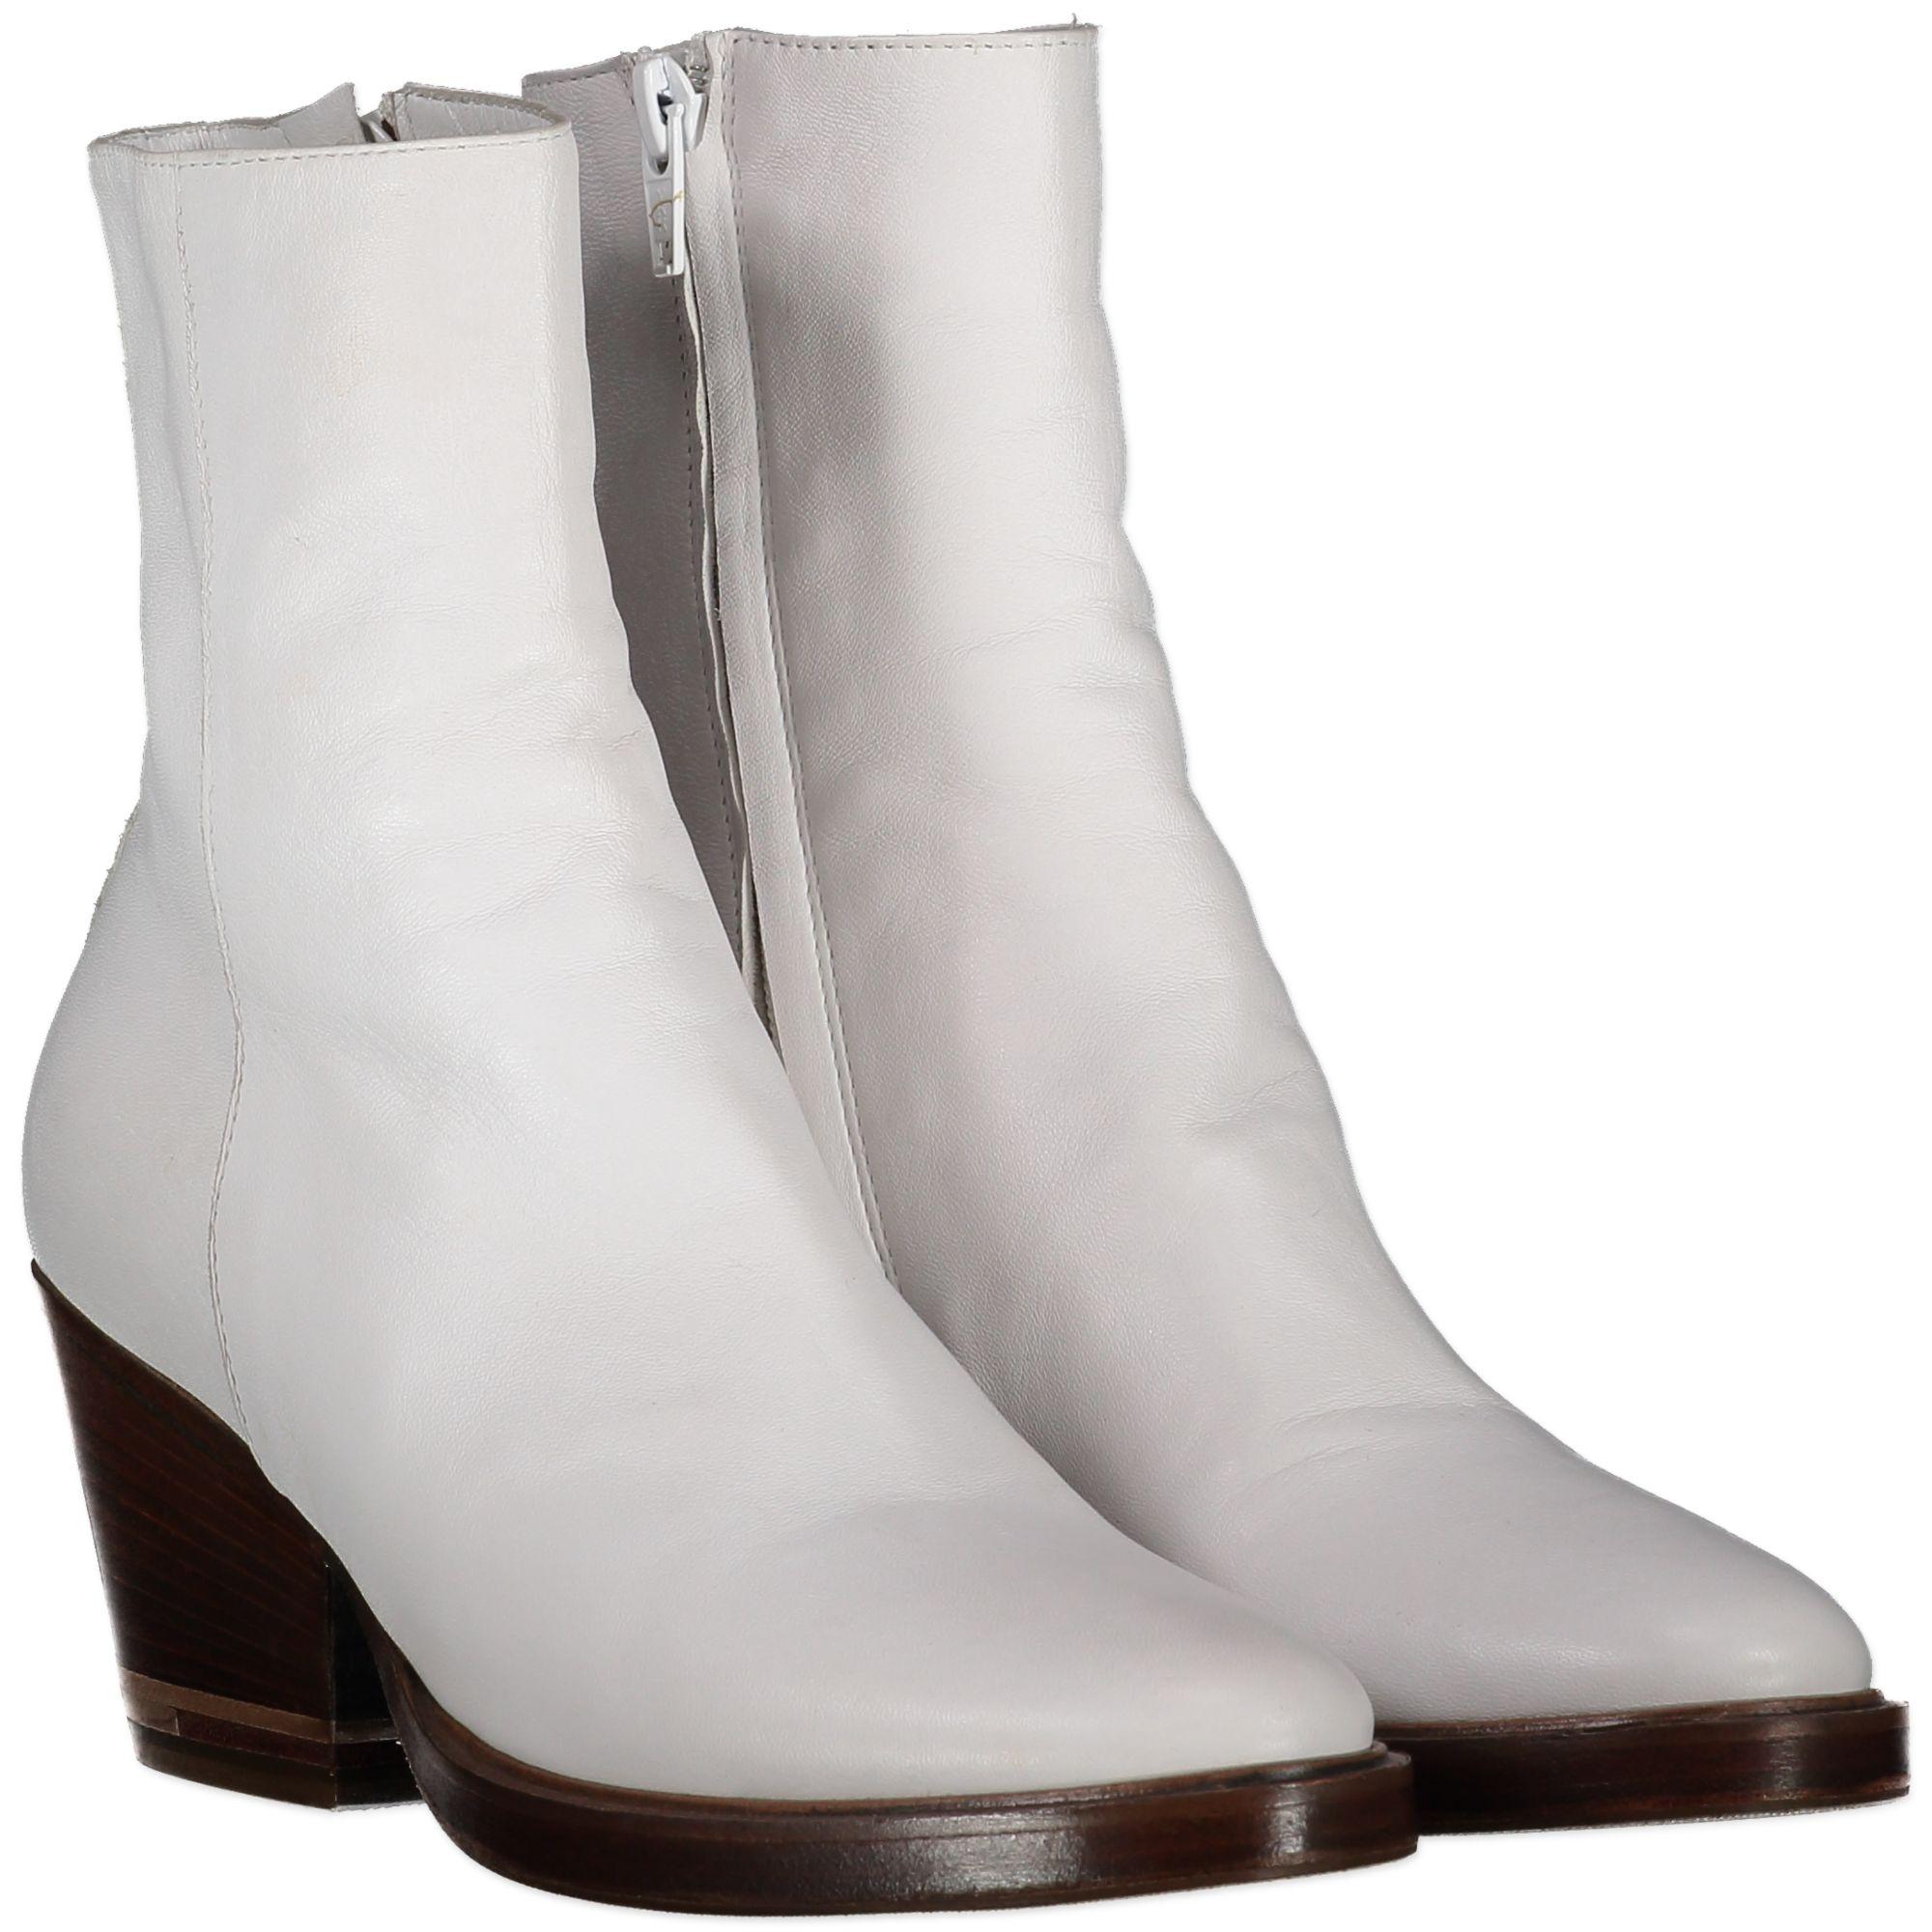 AF Vandevorst White Boots - Size 35,5